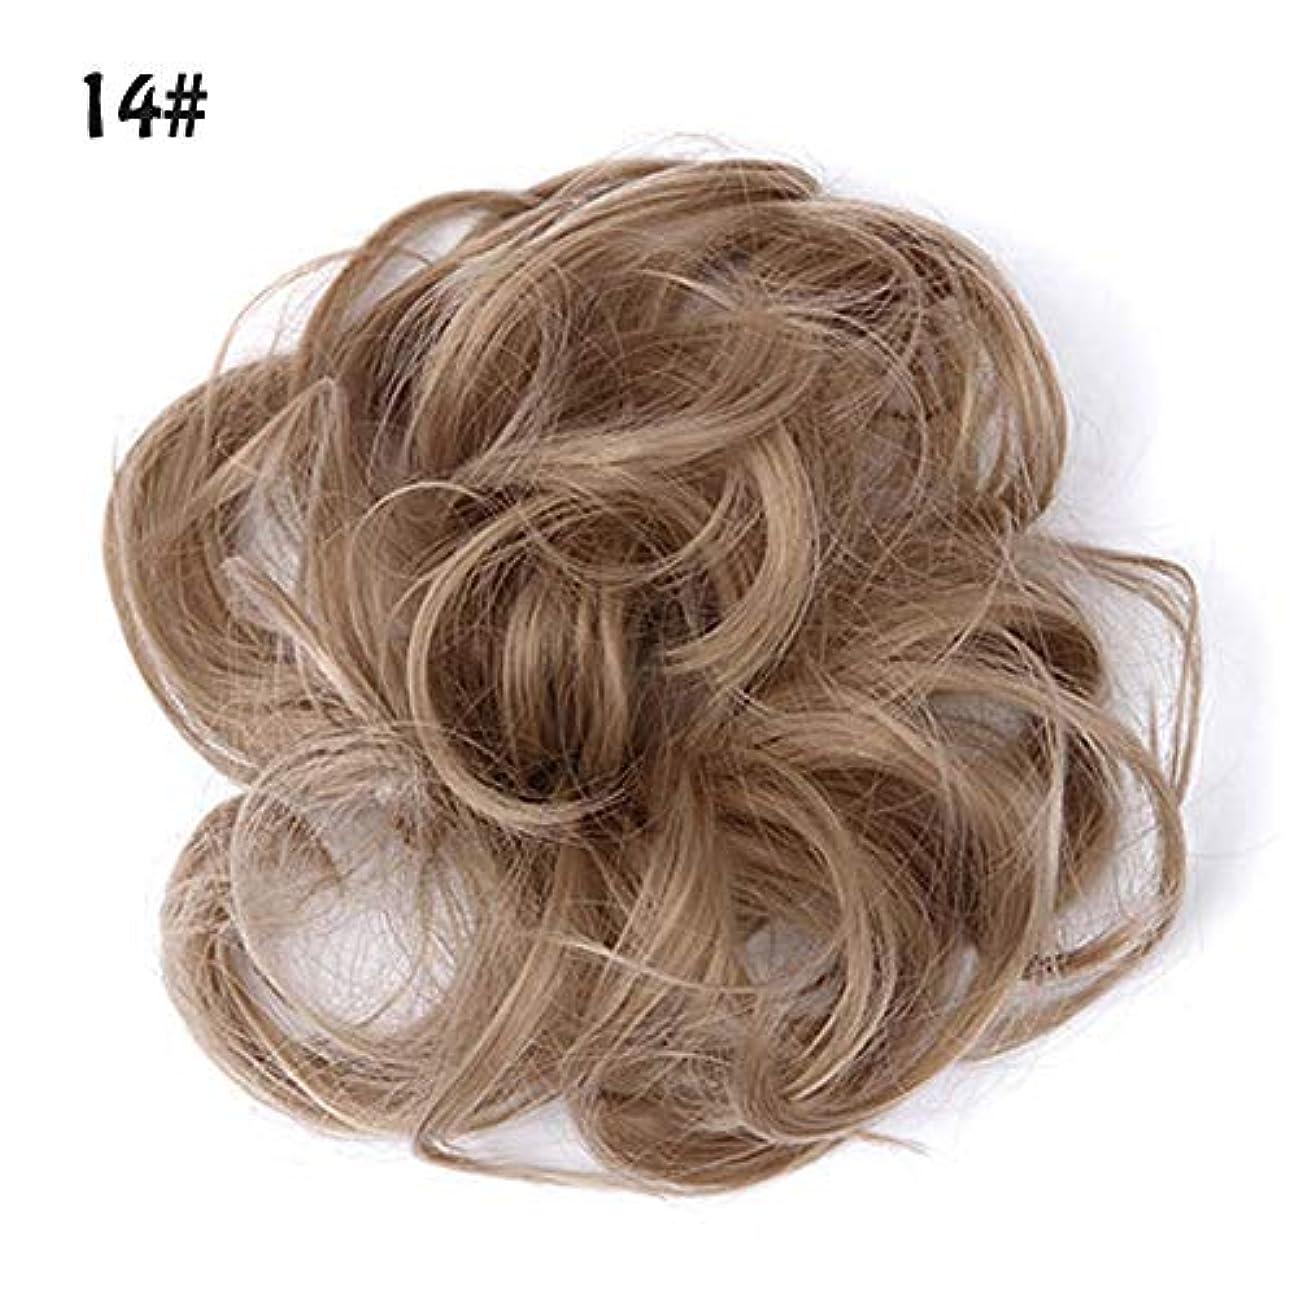 租界大使館欠伸乱雑な髪のお団子シュシュの拡張機能、ポニーテールシニョンドーナツアップ、女性用カーリー波状リボンアクセサリー